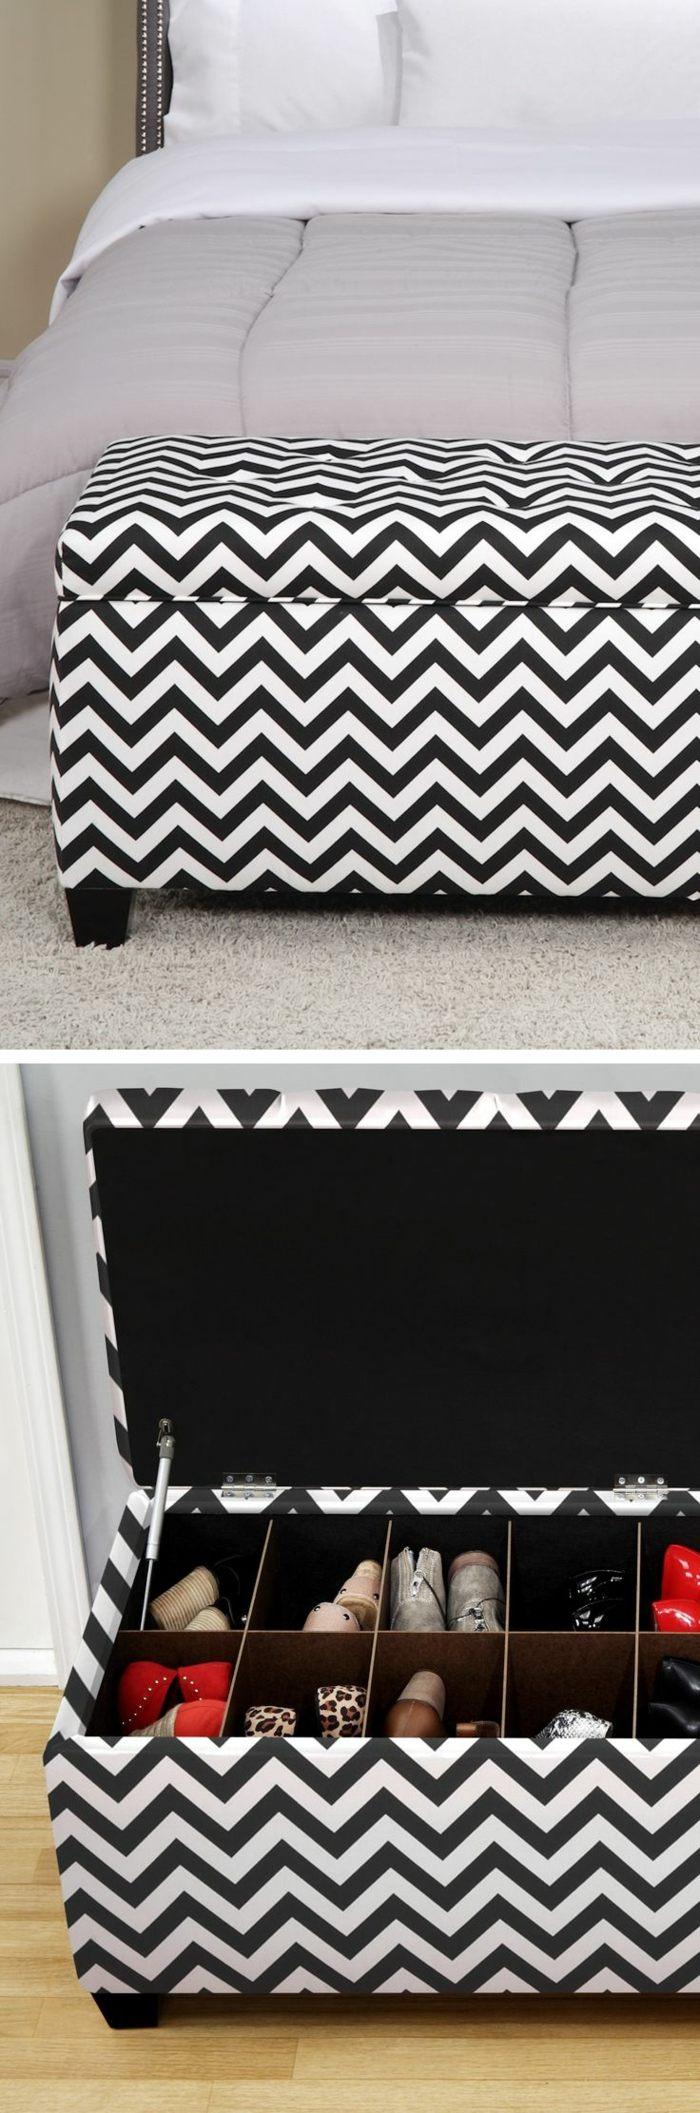 Coffre De Lit Ikea Meilleur De Banquette Bout De Lit Avec Coffre A Rayures Blancs Noirs